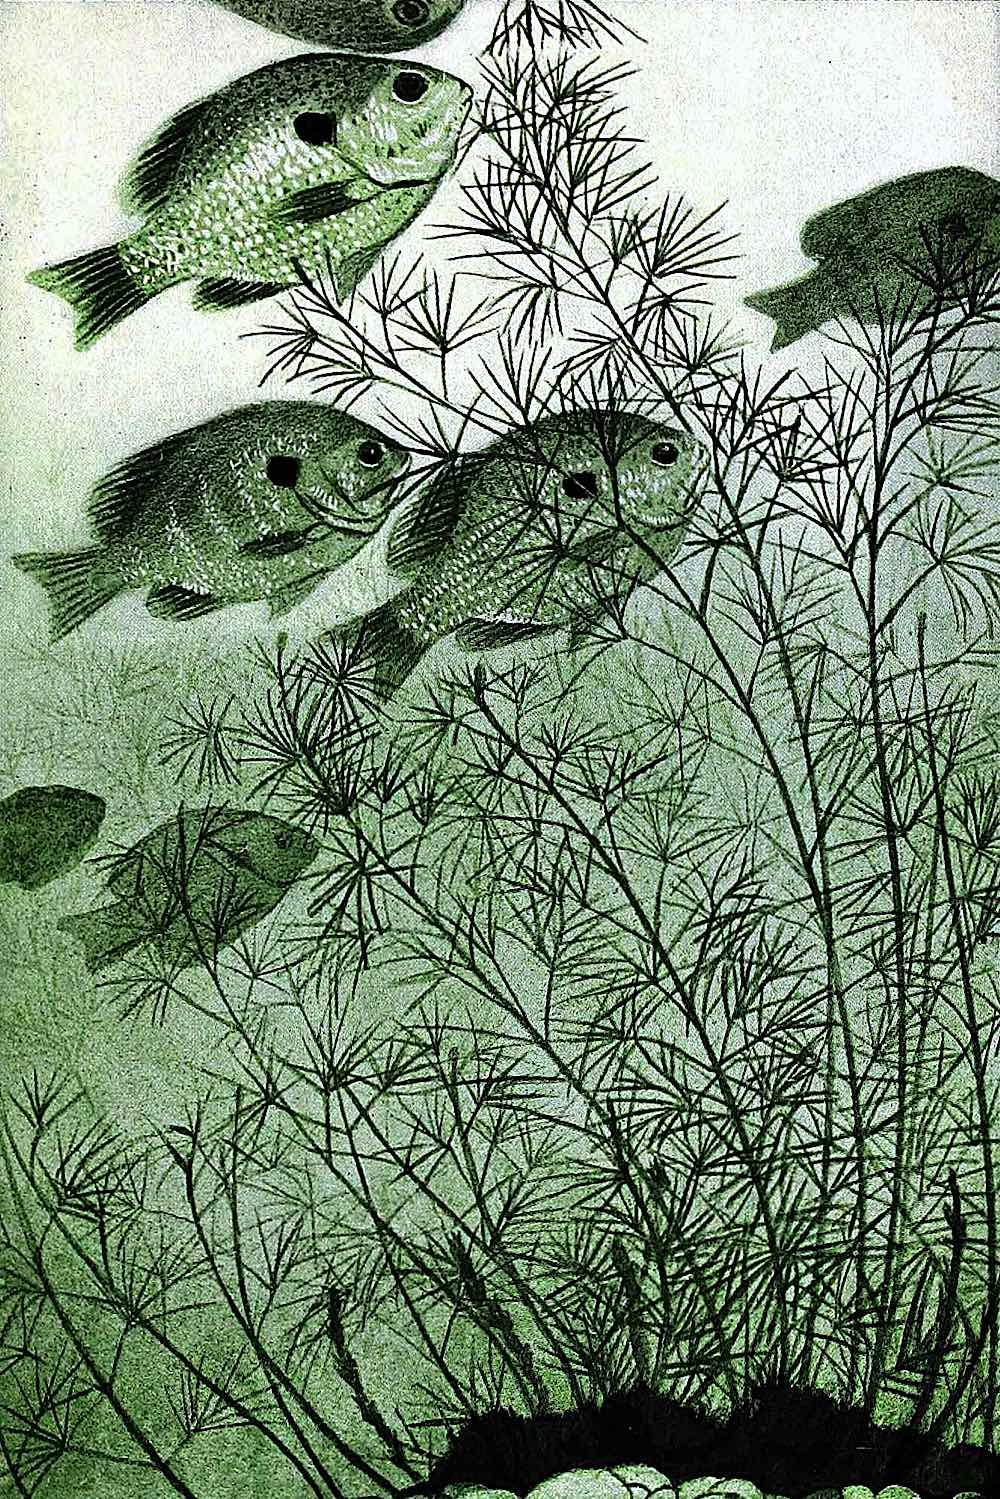 Walter King Stone fish underwater green